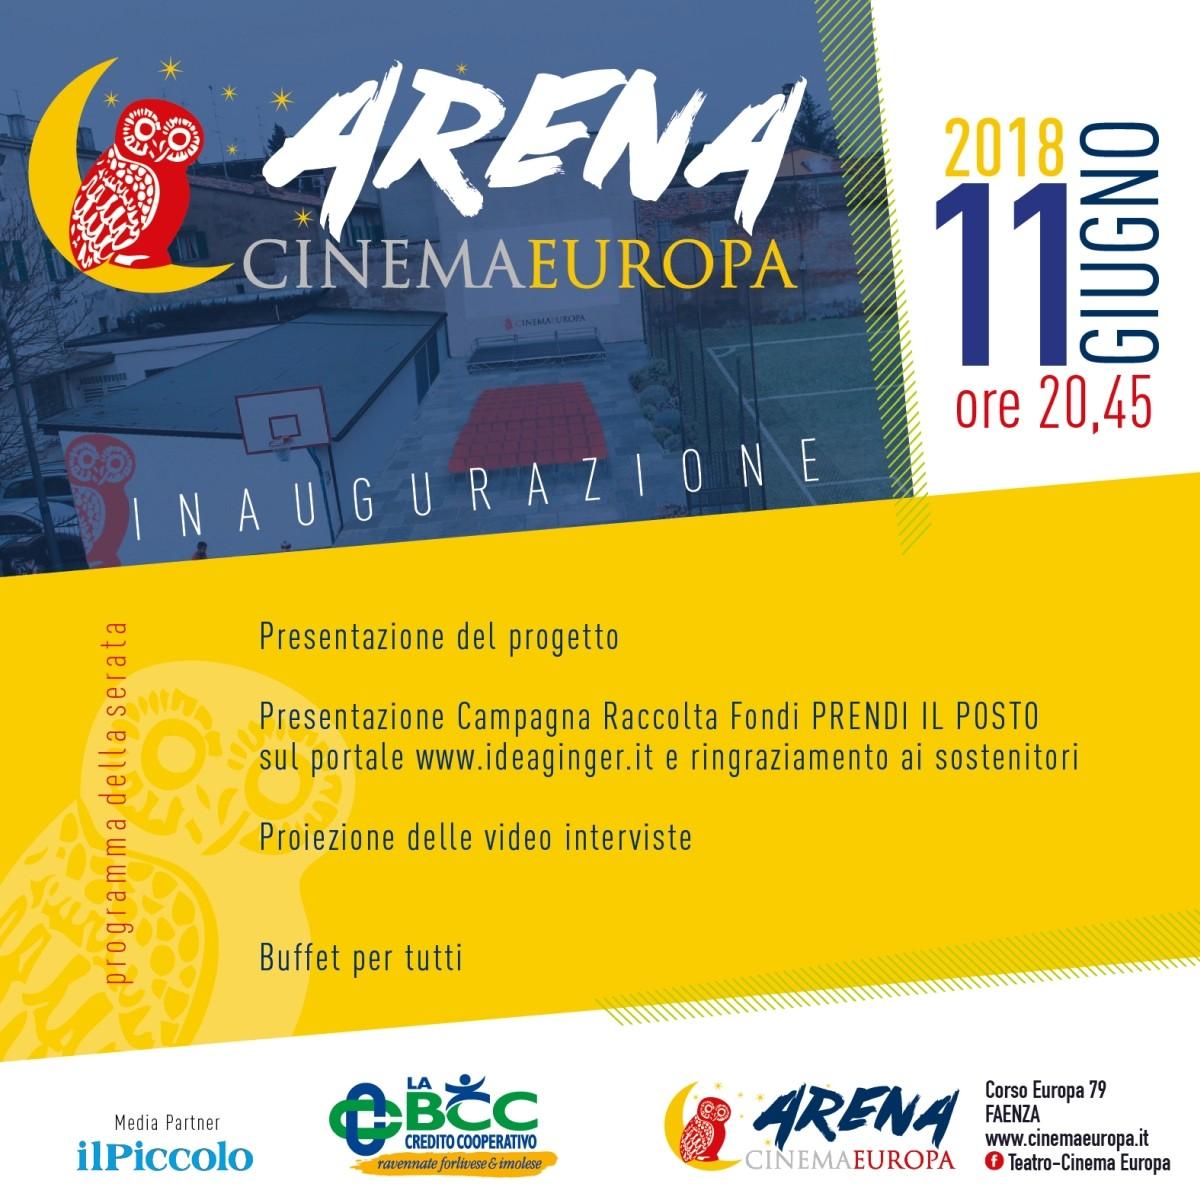 Inaugura l'Arena Cinema Europa a Faenza